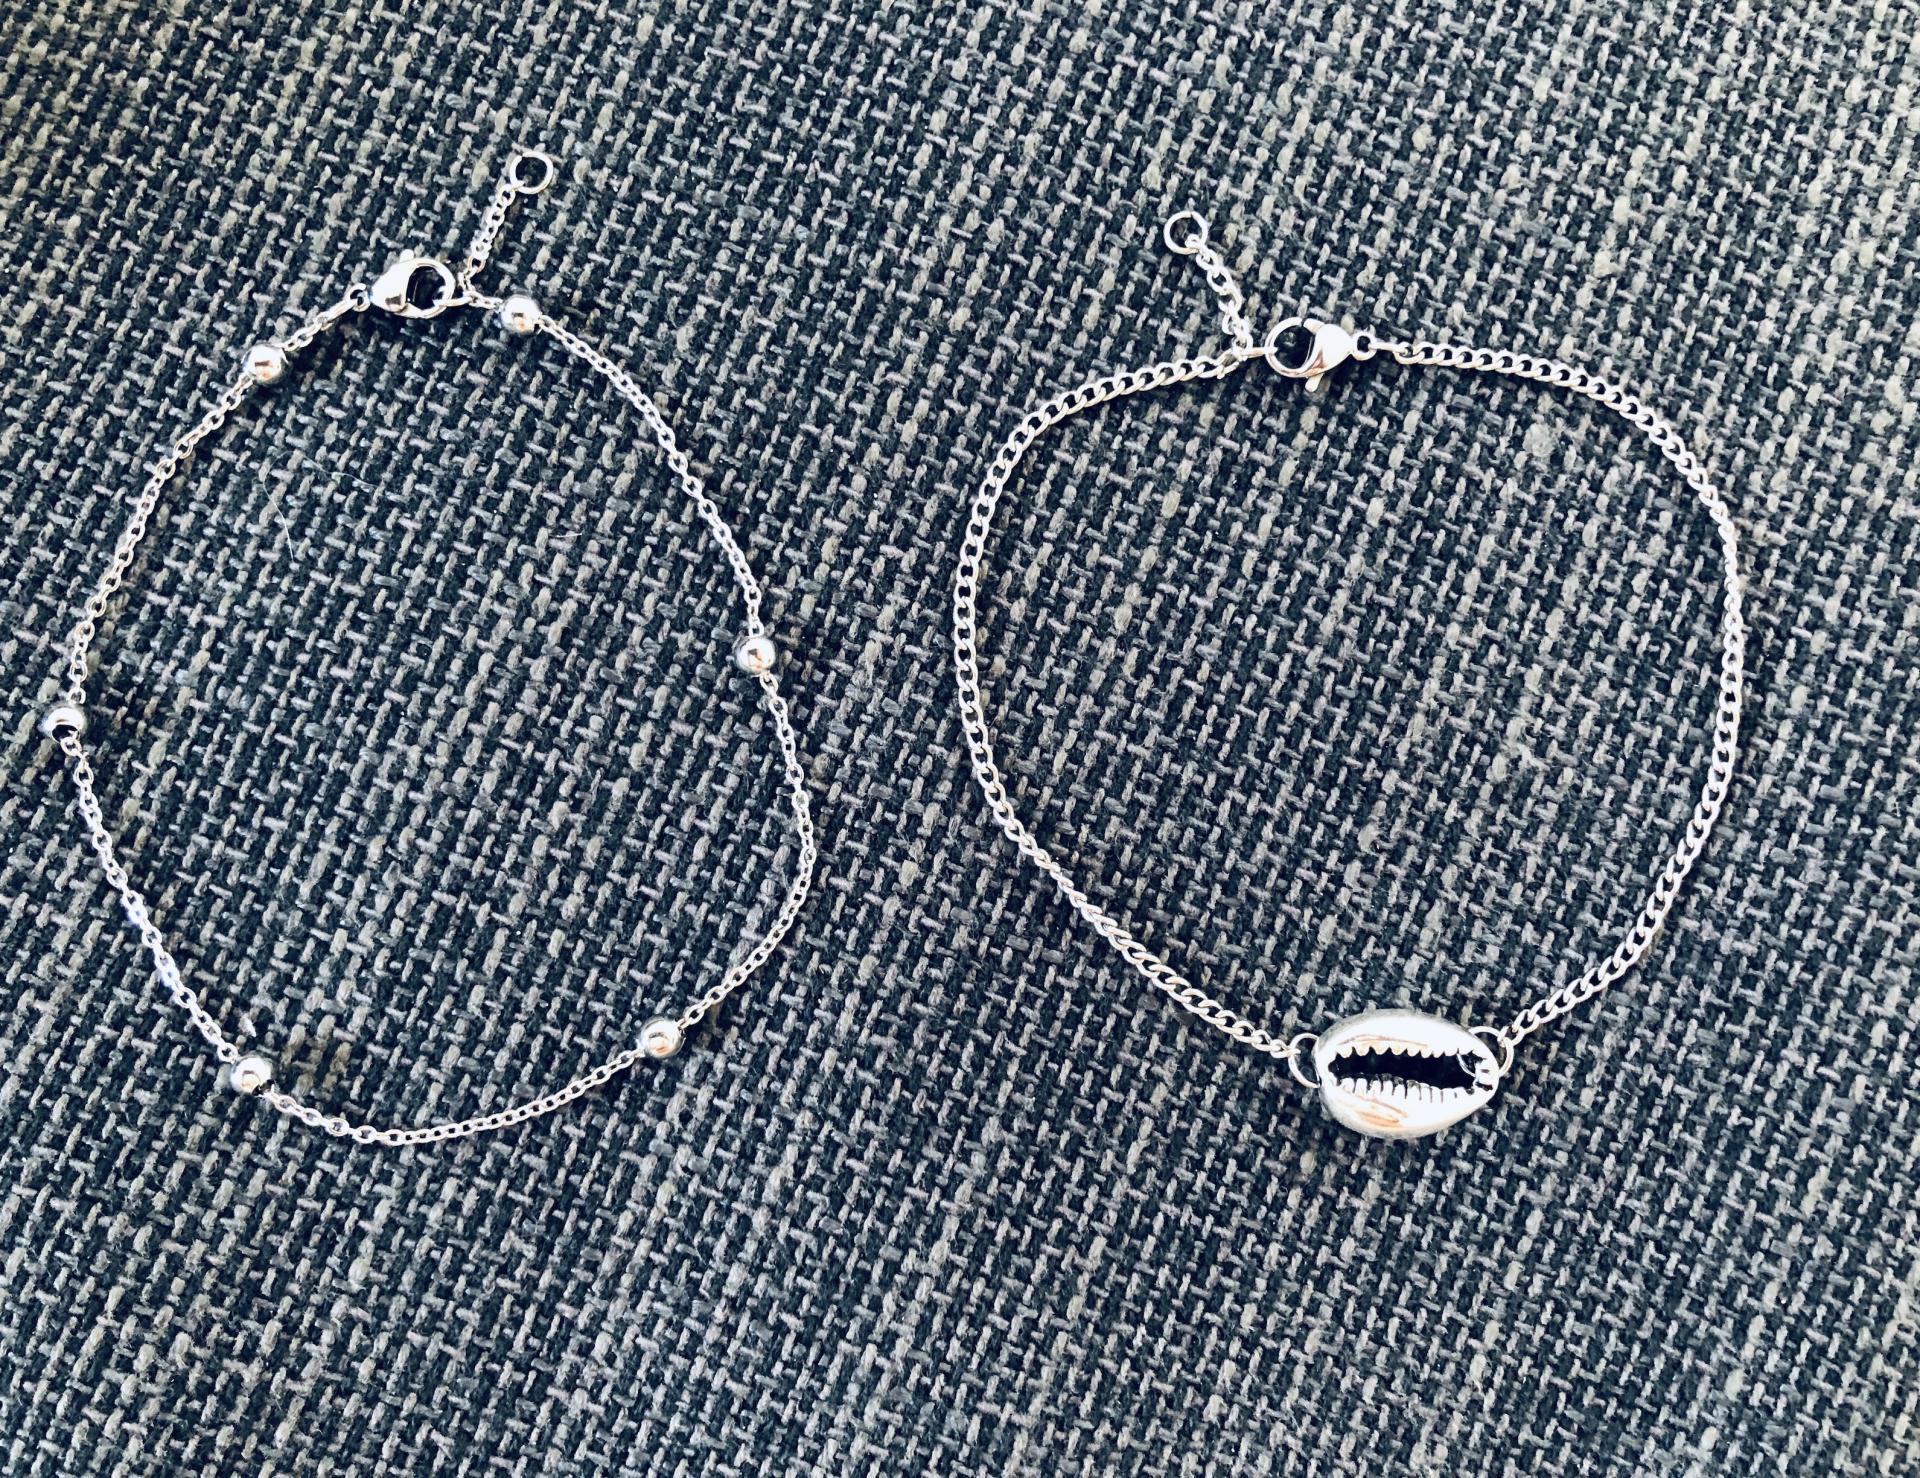 Conjunto de pulseras tobilleras plateadas con cadena y caurí